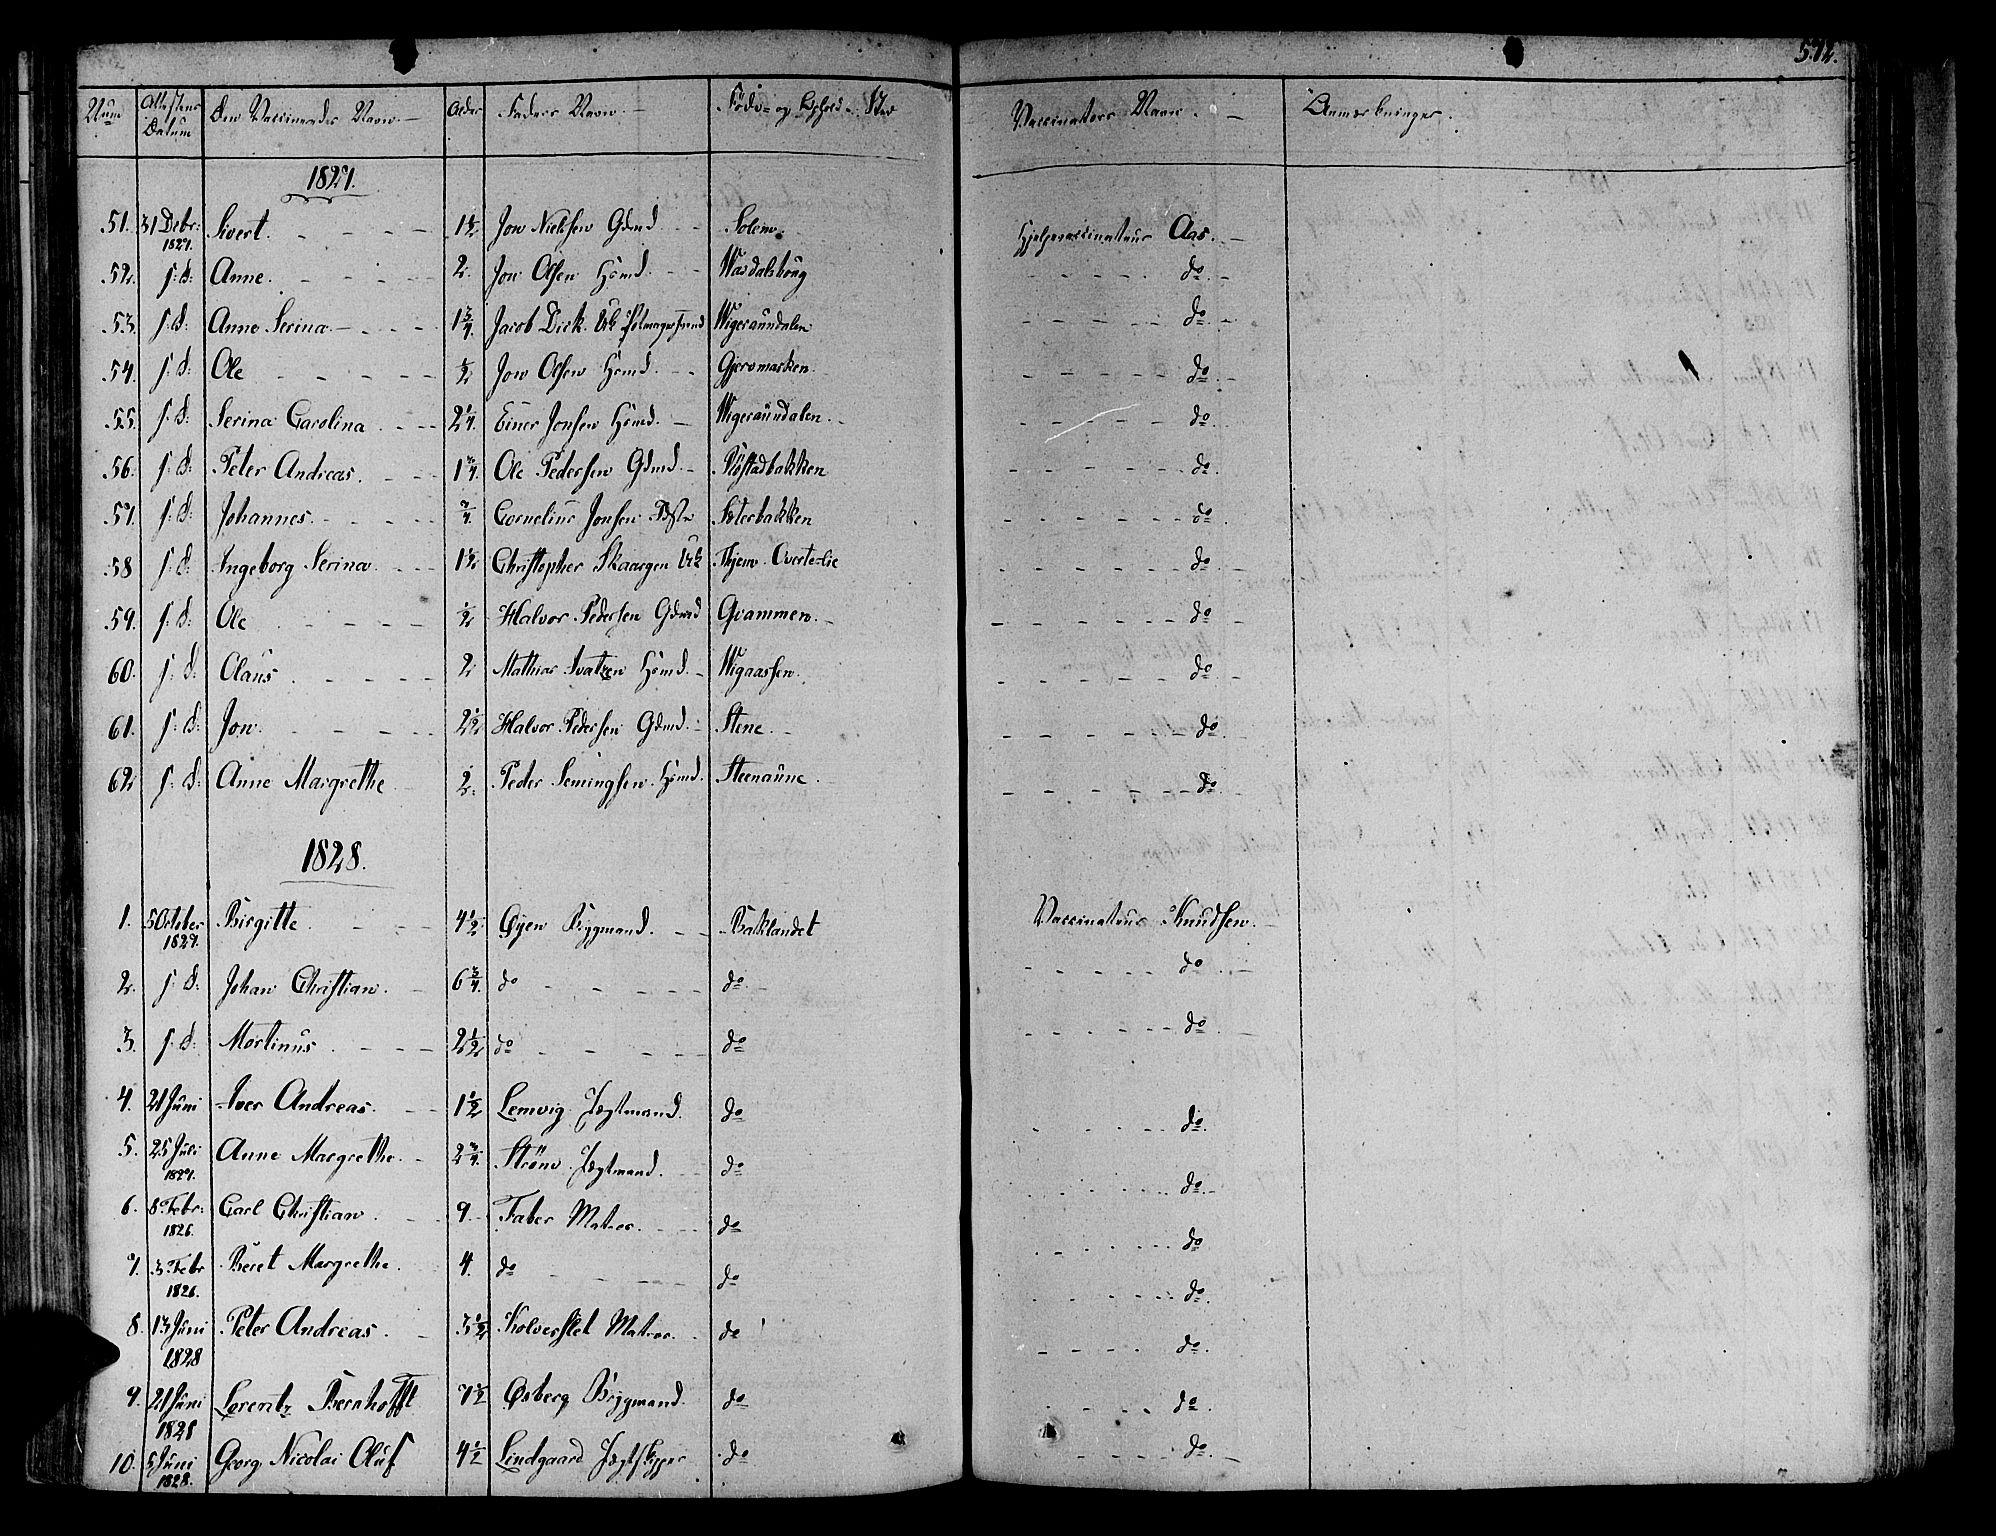 SAT, Ministerialprotokoller, klokkerbøker og fødselsregistre - Sør-Trøndelag, 606/L0286: Ministerialbok nr. 606A04 /1, 1823-1840, s. 572